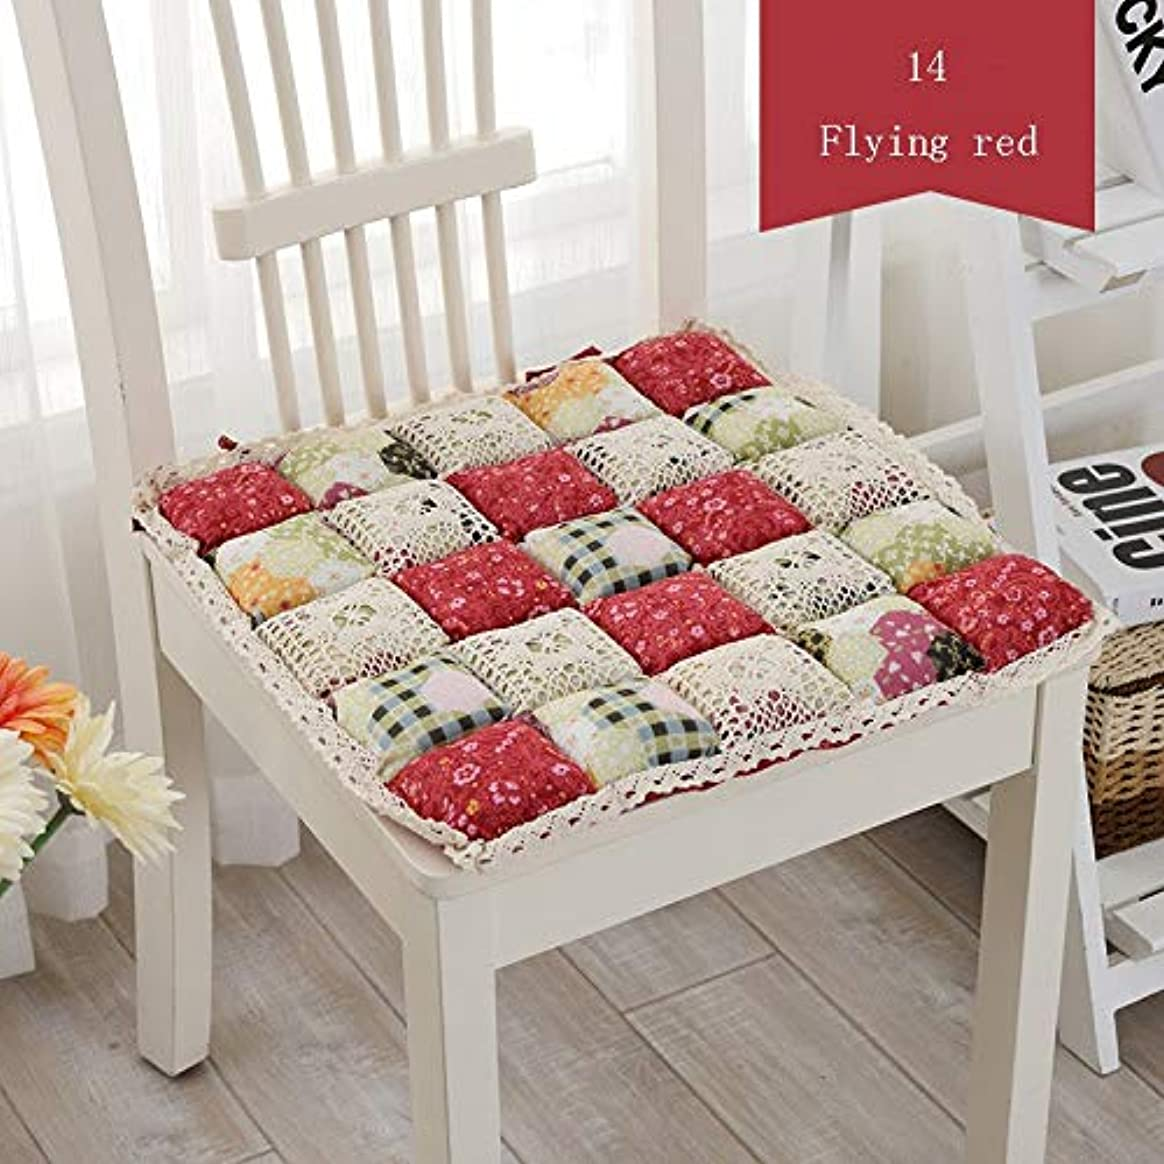 ジェム除外する雄弁なLIFE 1 個抗褥瘡綿椅子クッション 24 色ファッションオフィス正方形クッション学生チェアクッション家の装飾厚み クッション 椅子